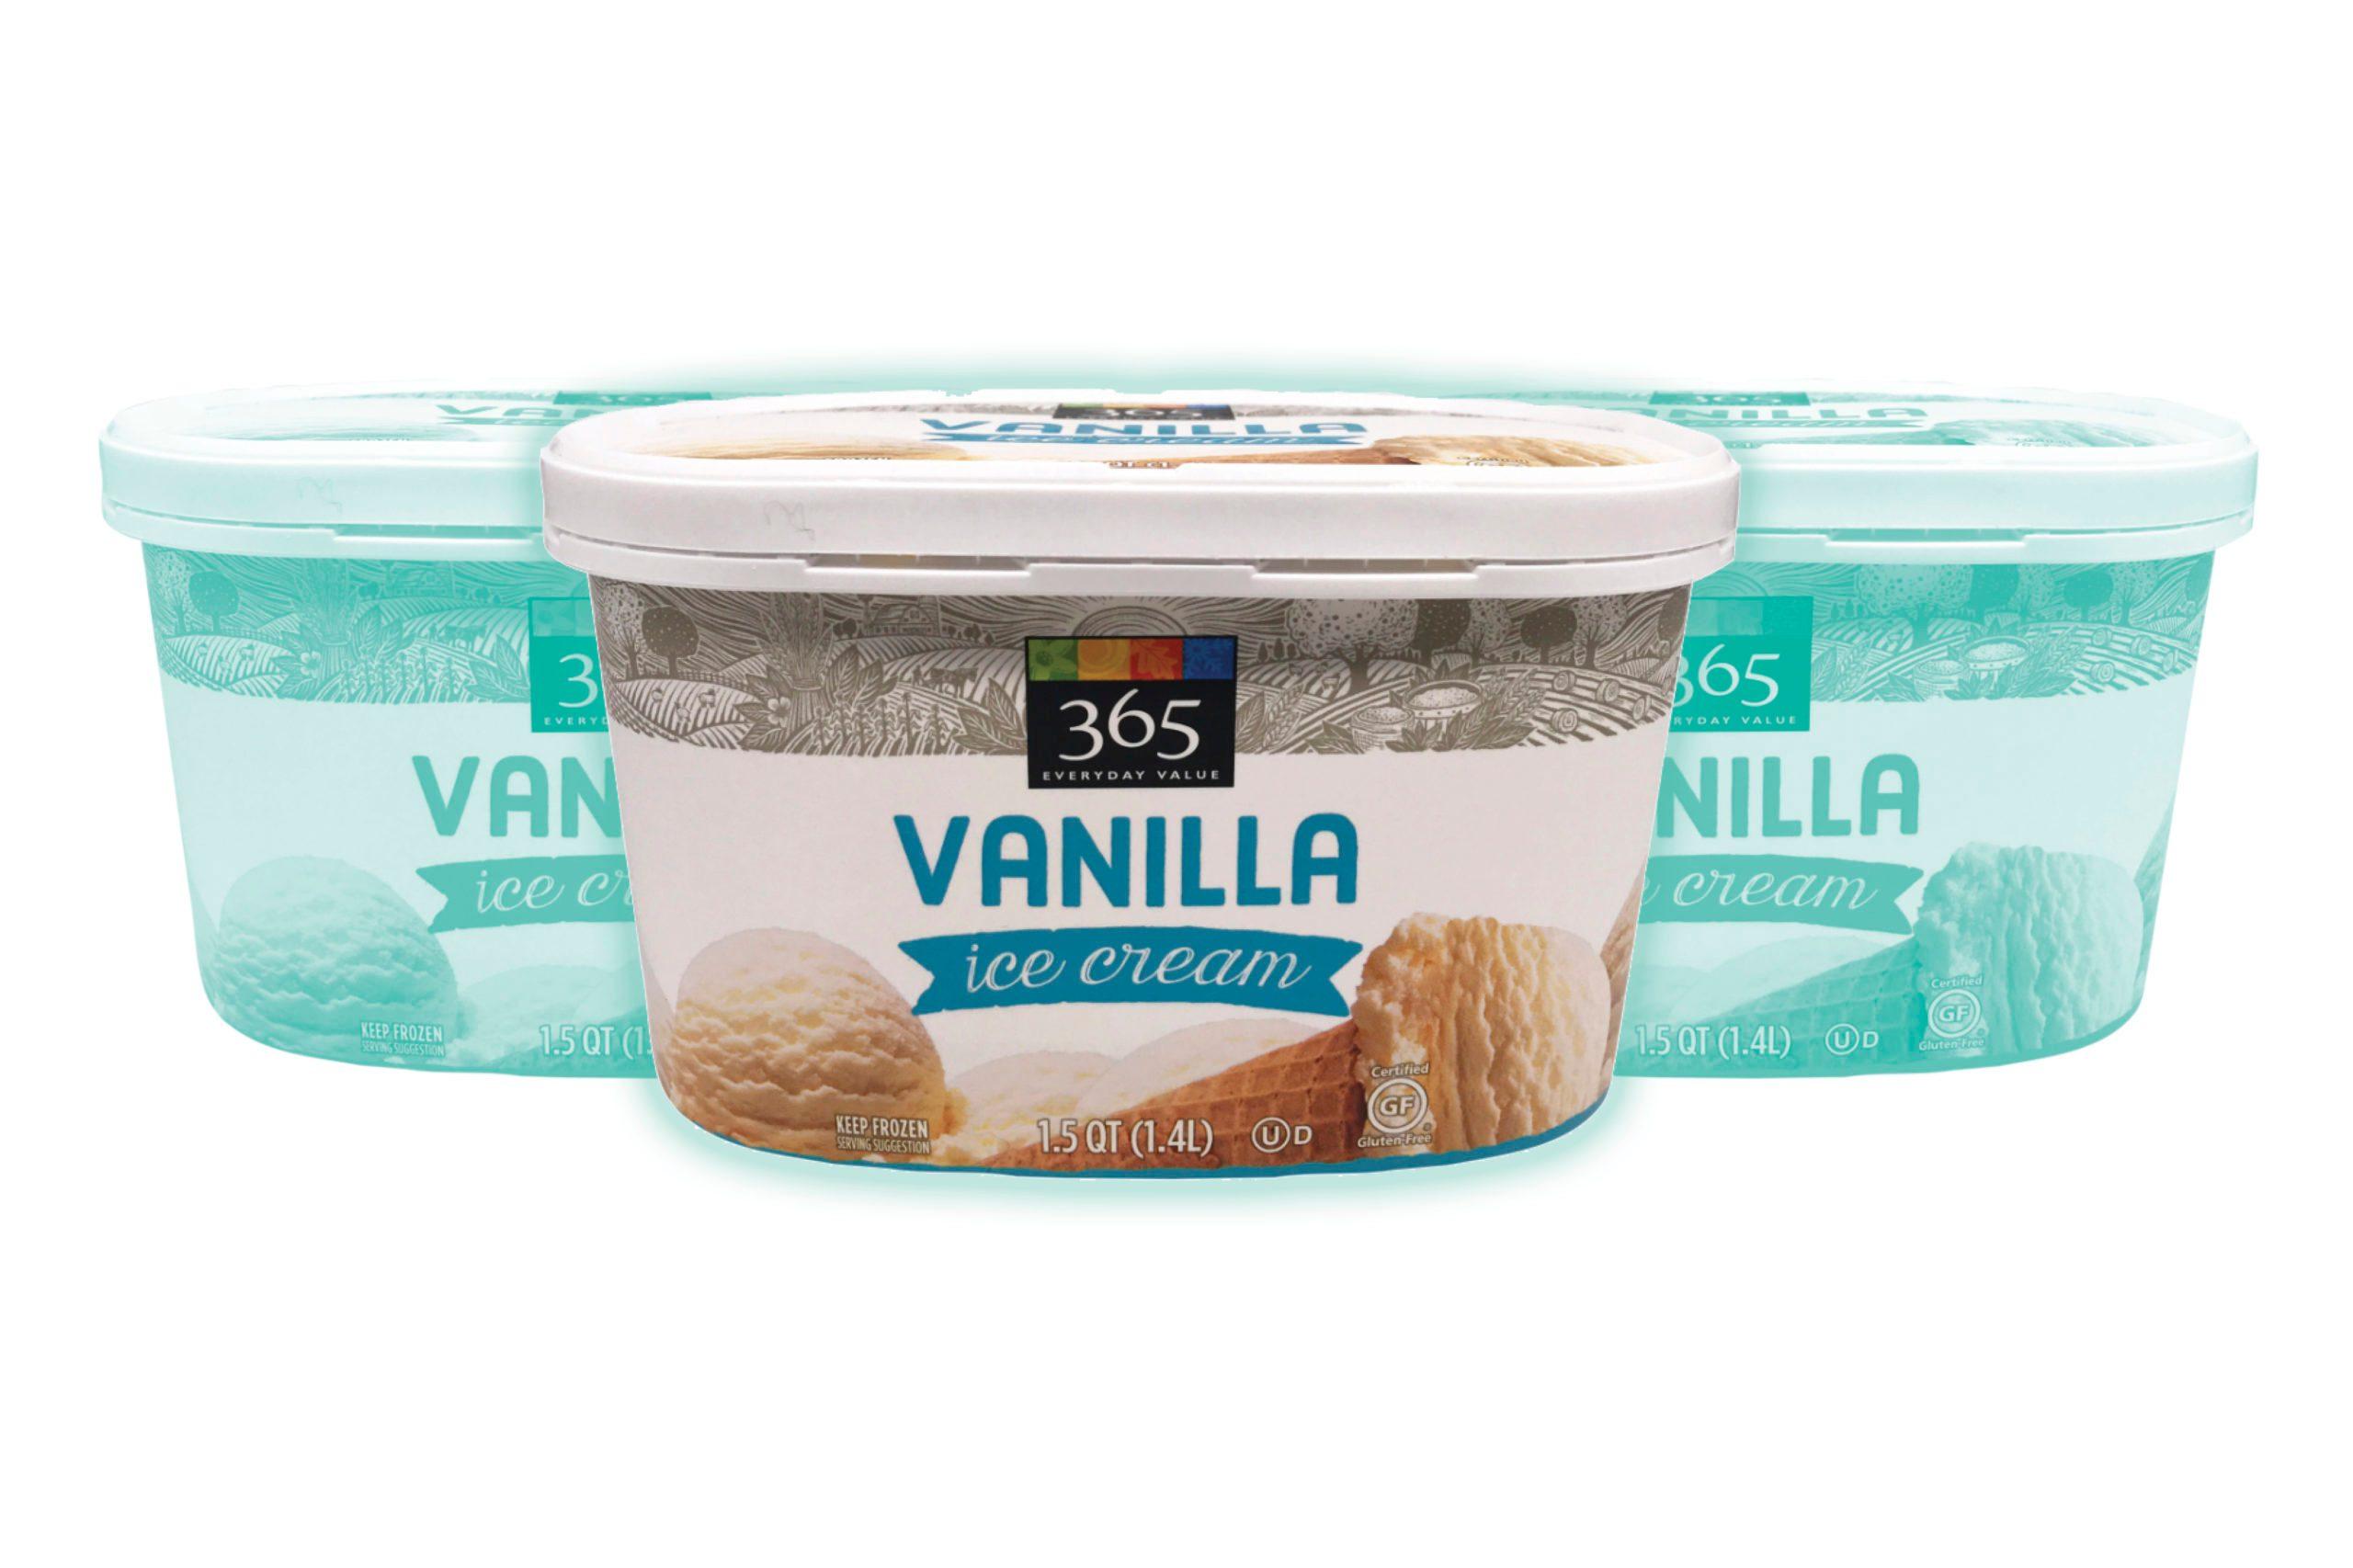 365 EVERYDAY VALUE Vanilla Ice Cream, 1.5 quart